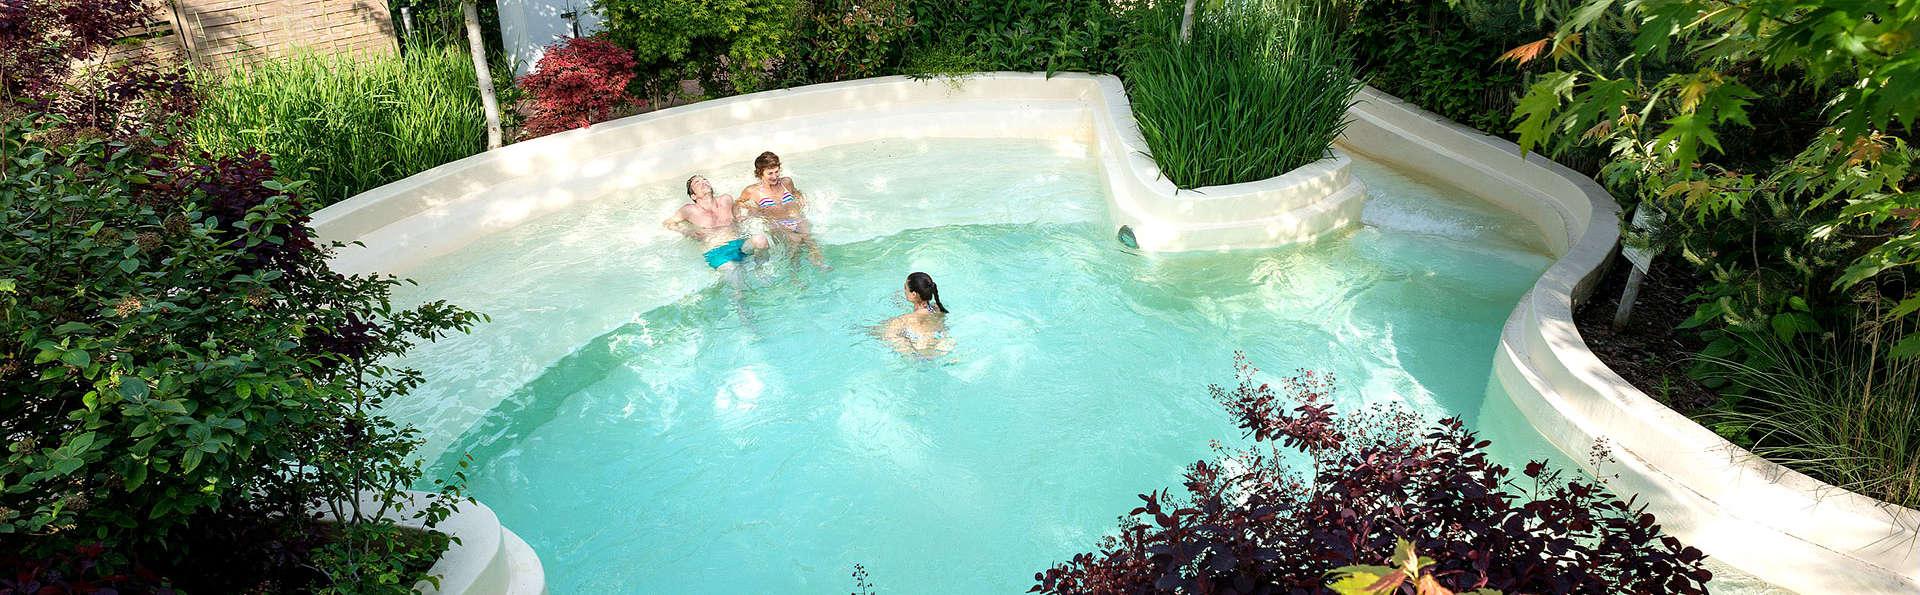 Week-end en cottage premium jusqu'à 6 personnes au Center Parcs Domaine de l'Ailette (7 nuits)